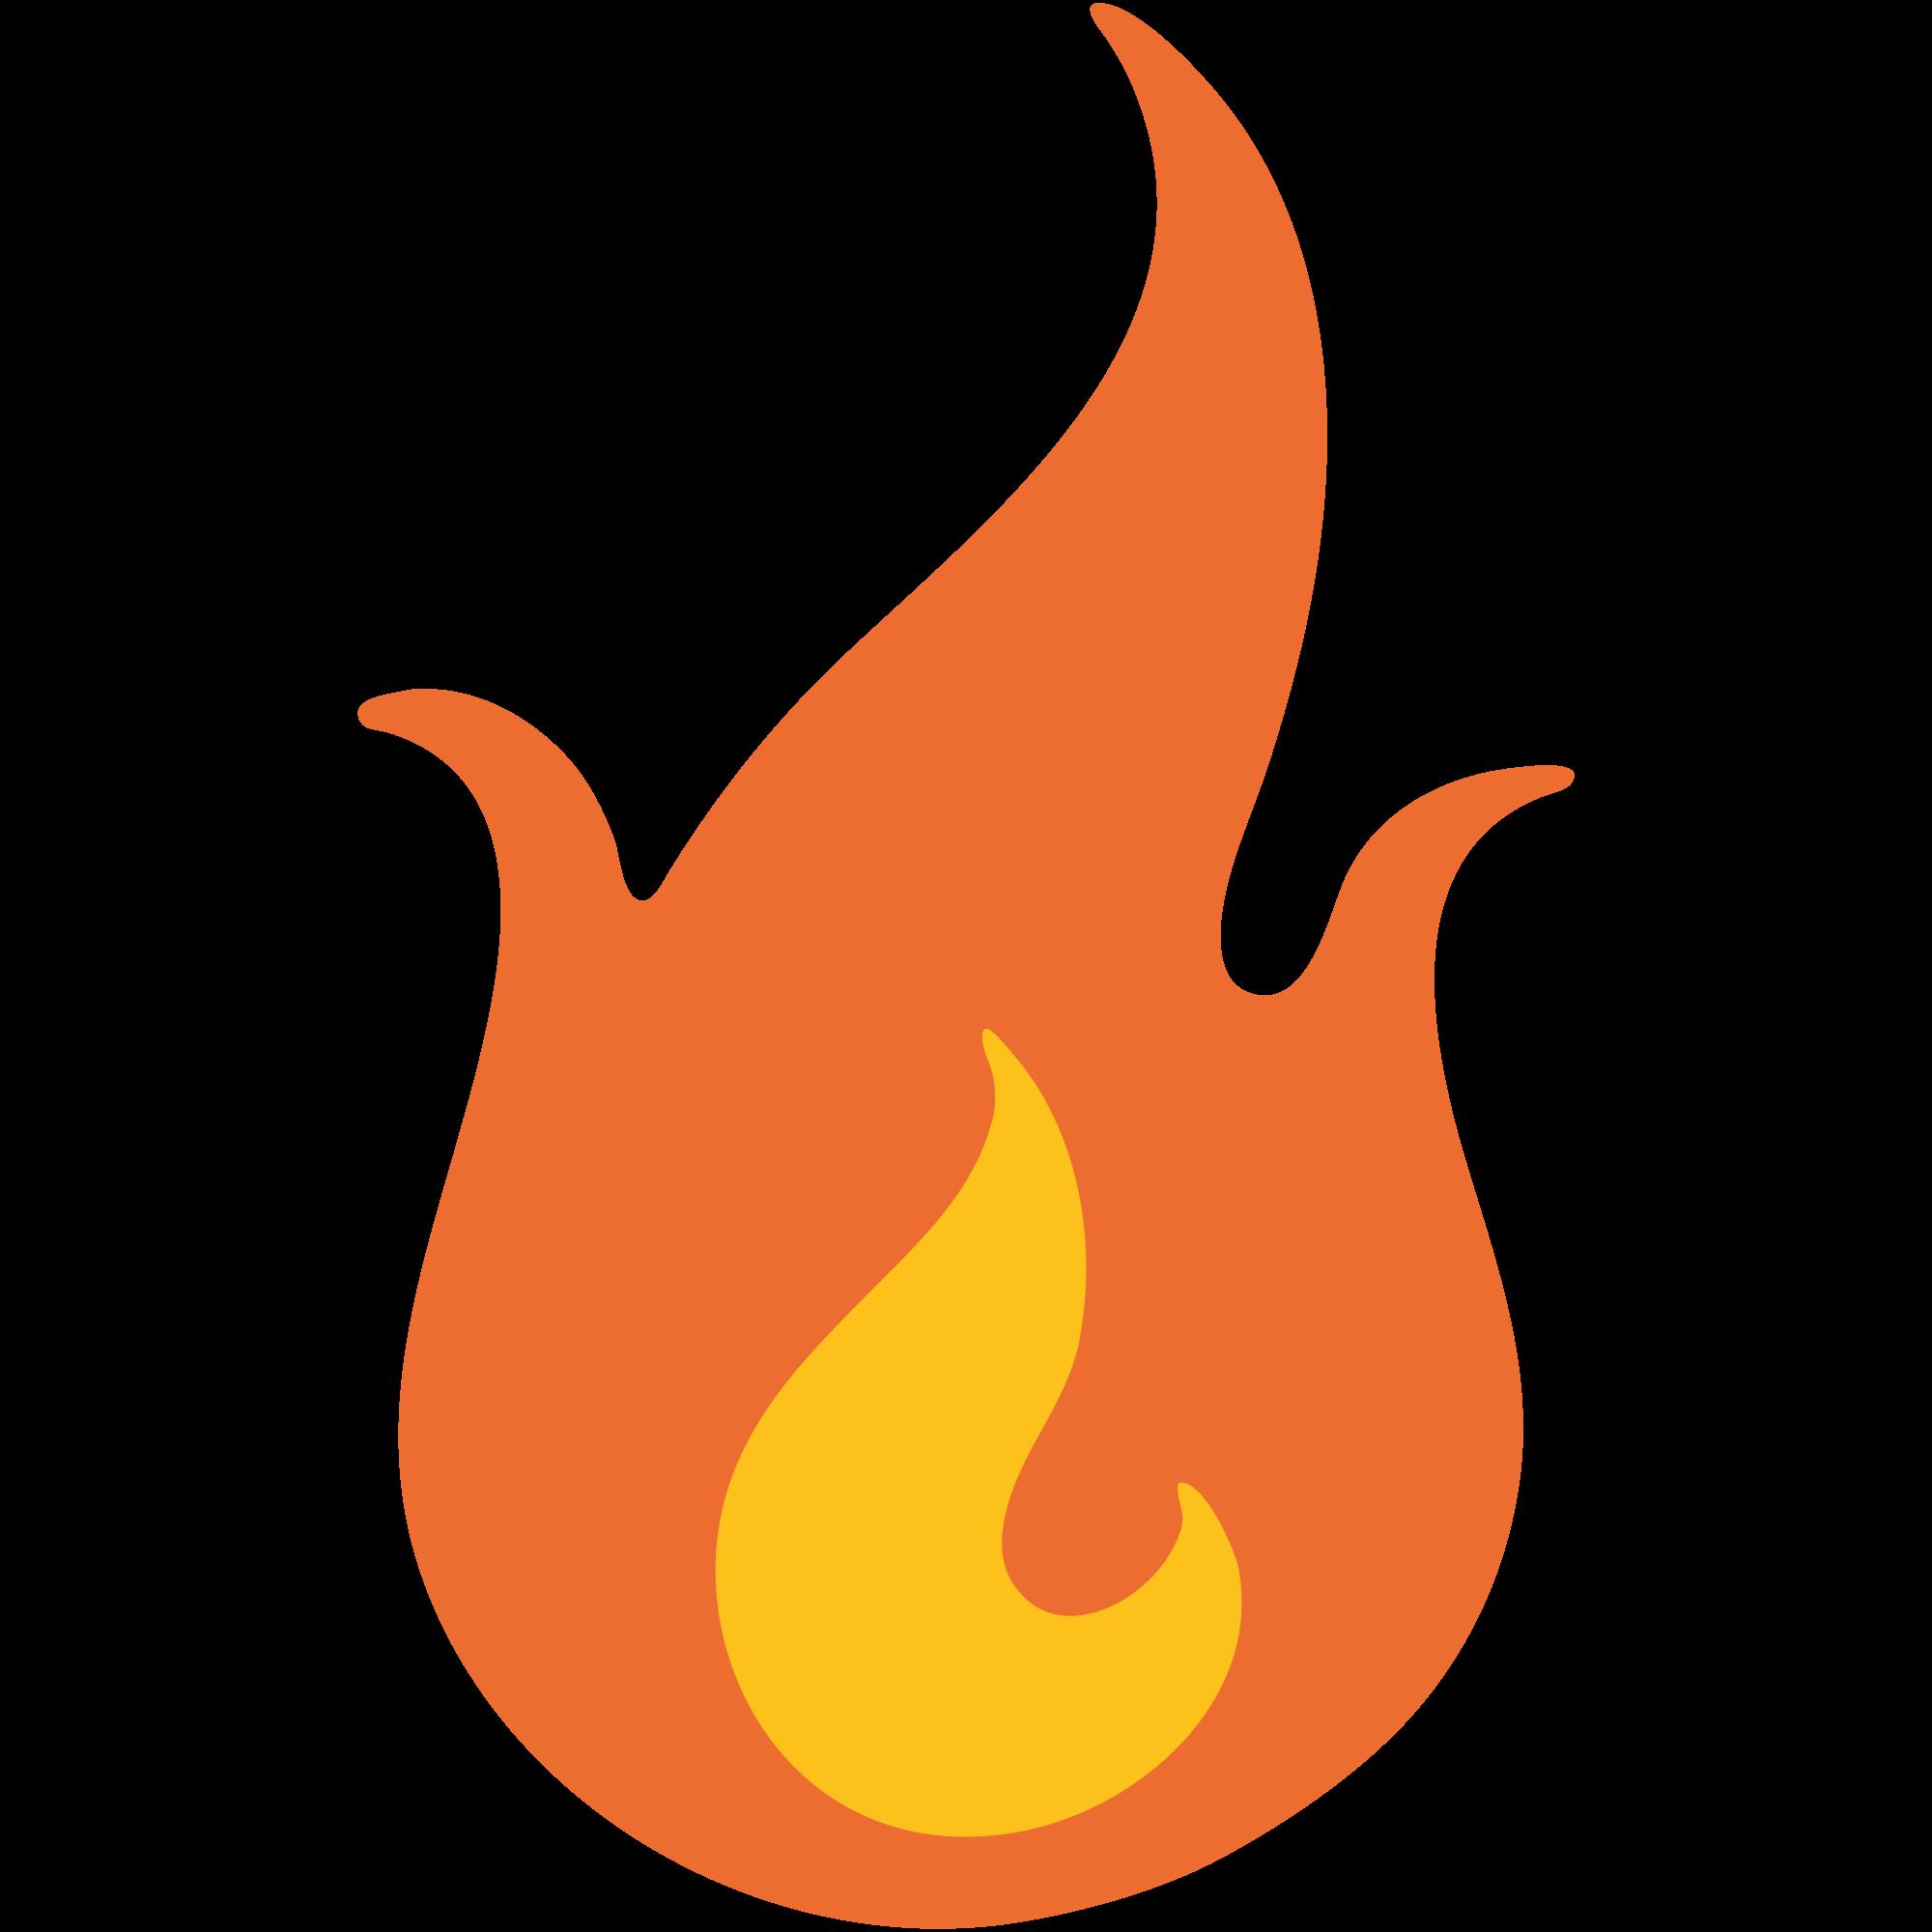 Clipart flames emoji. File u f svg